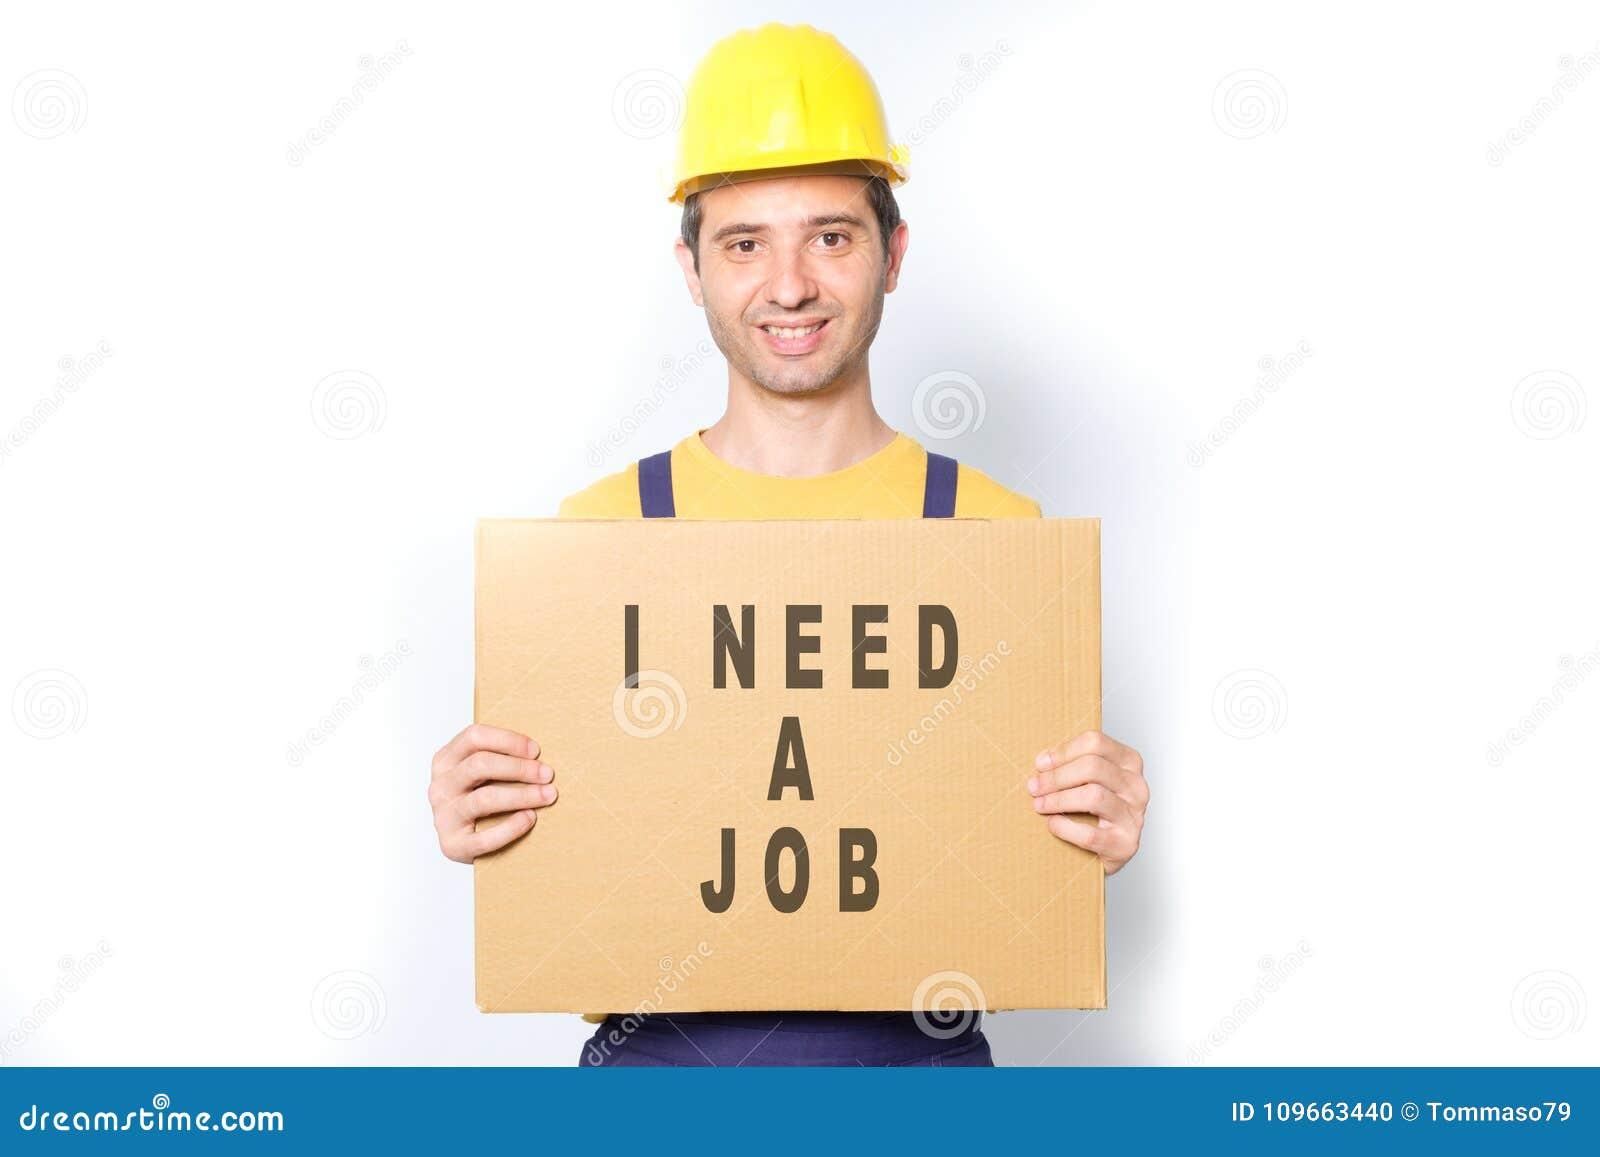 cartello cerco lavoro